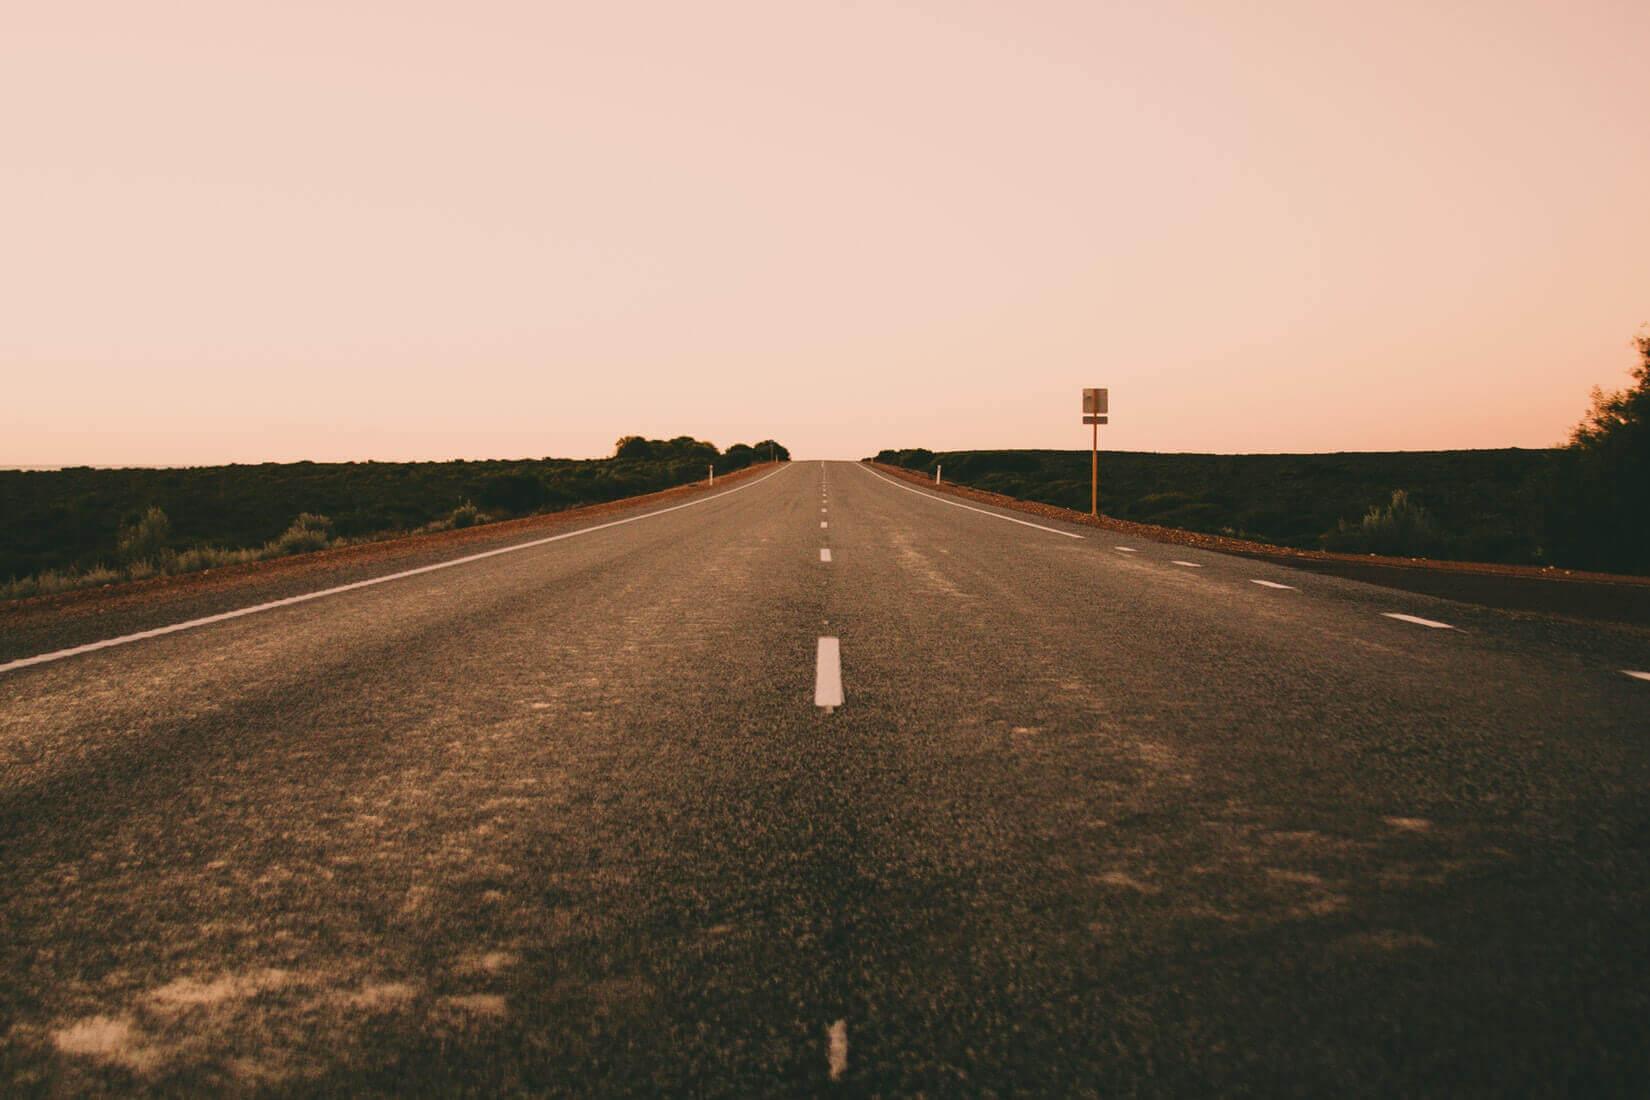 В дороге: как спланировать путешествие по Керуаку